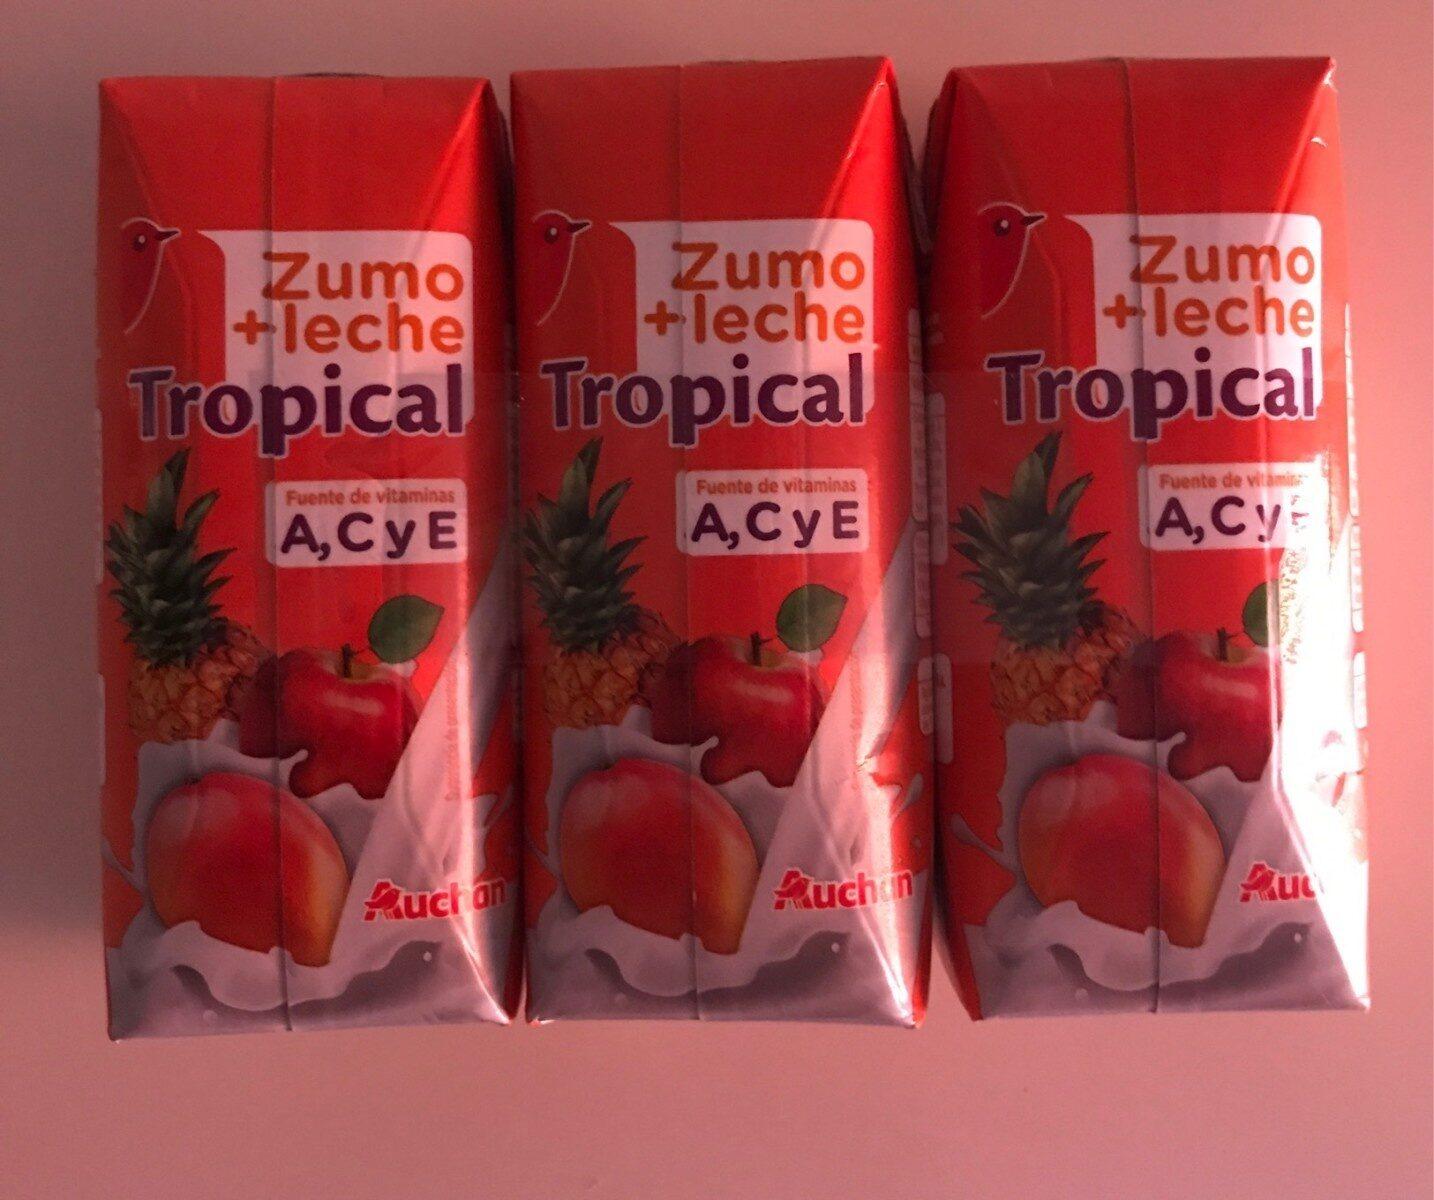 Zumo + Leche Tropical - Producto